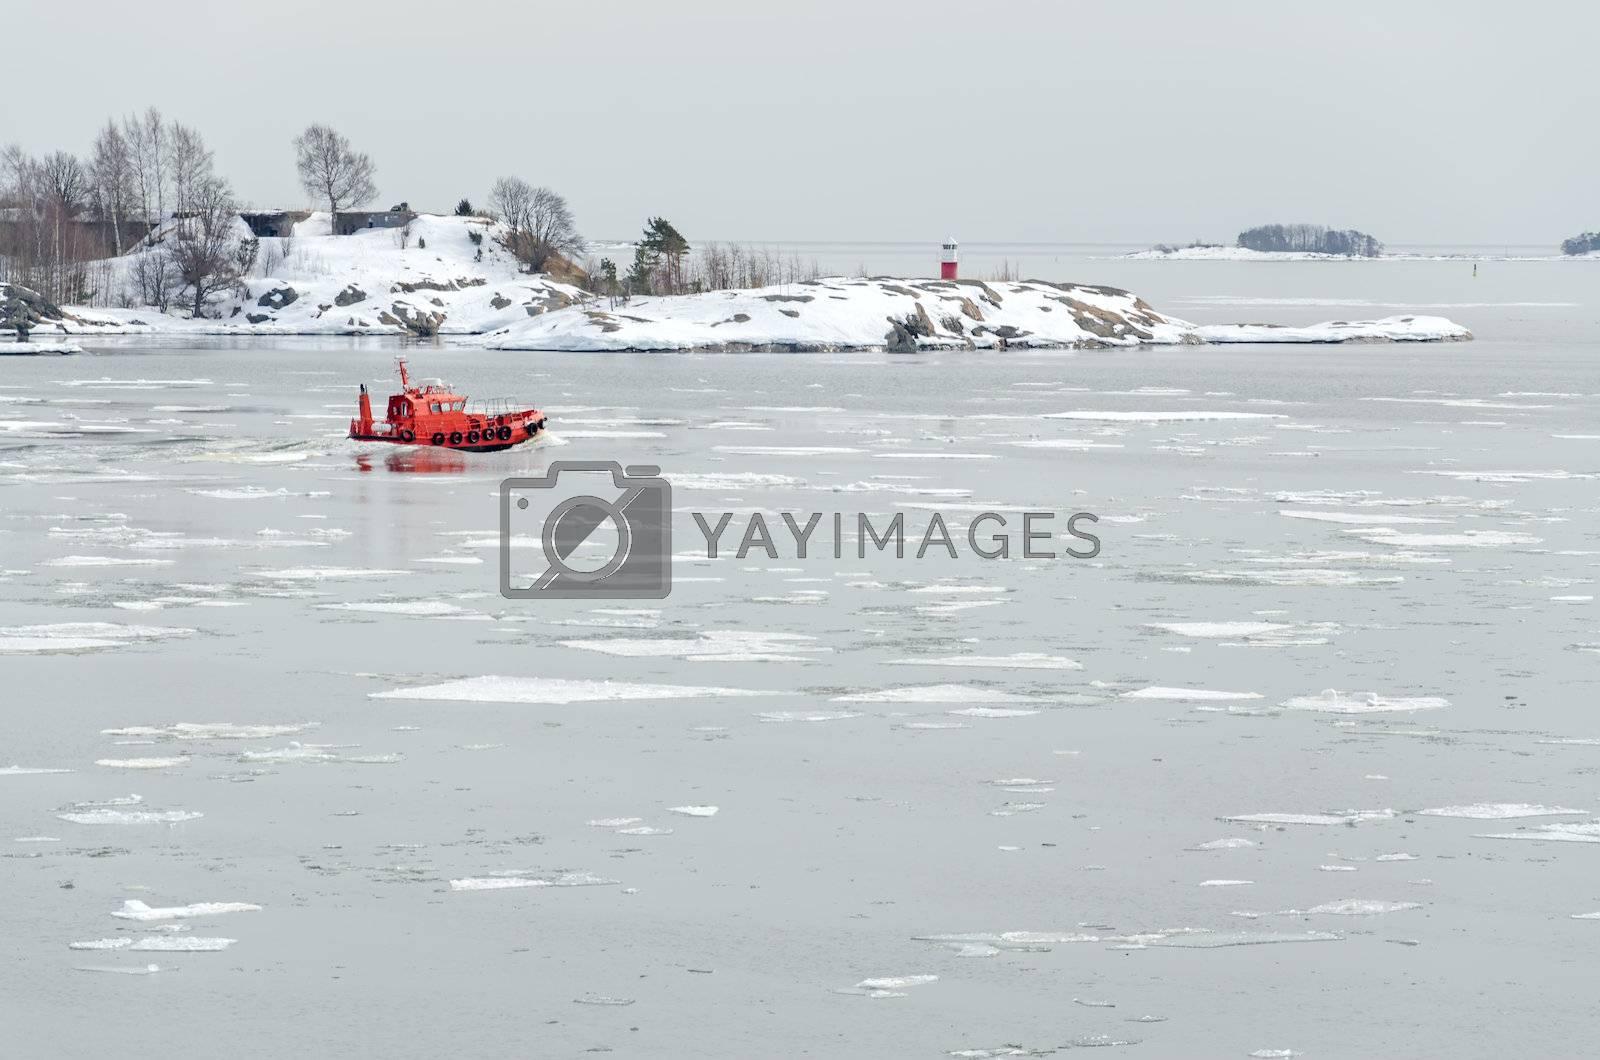 Rescue boat in the Baltic Sea.